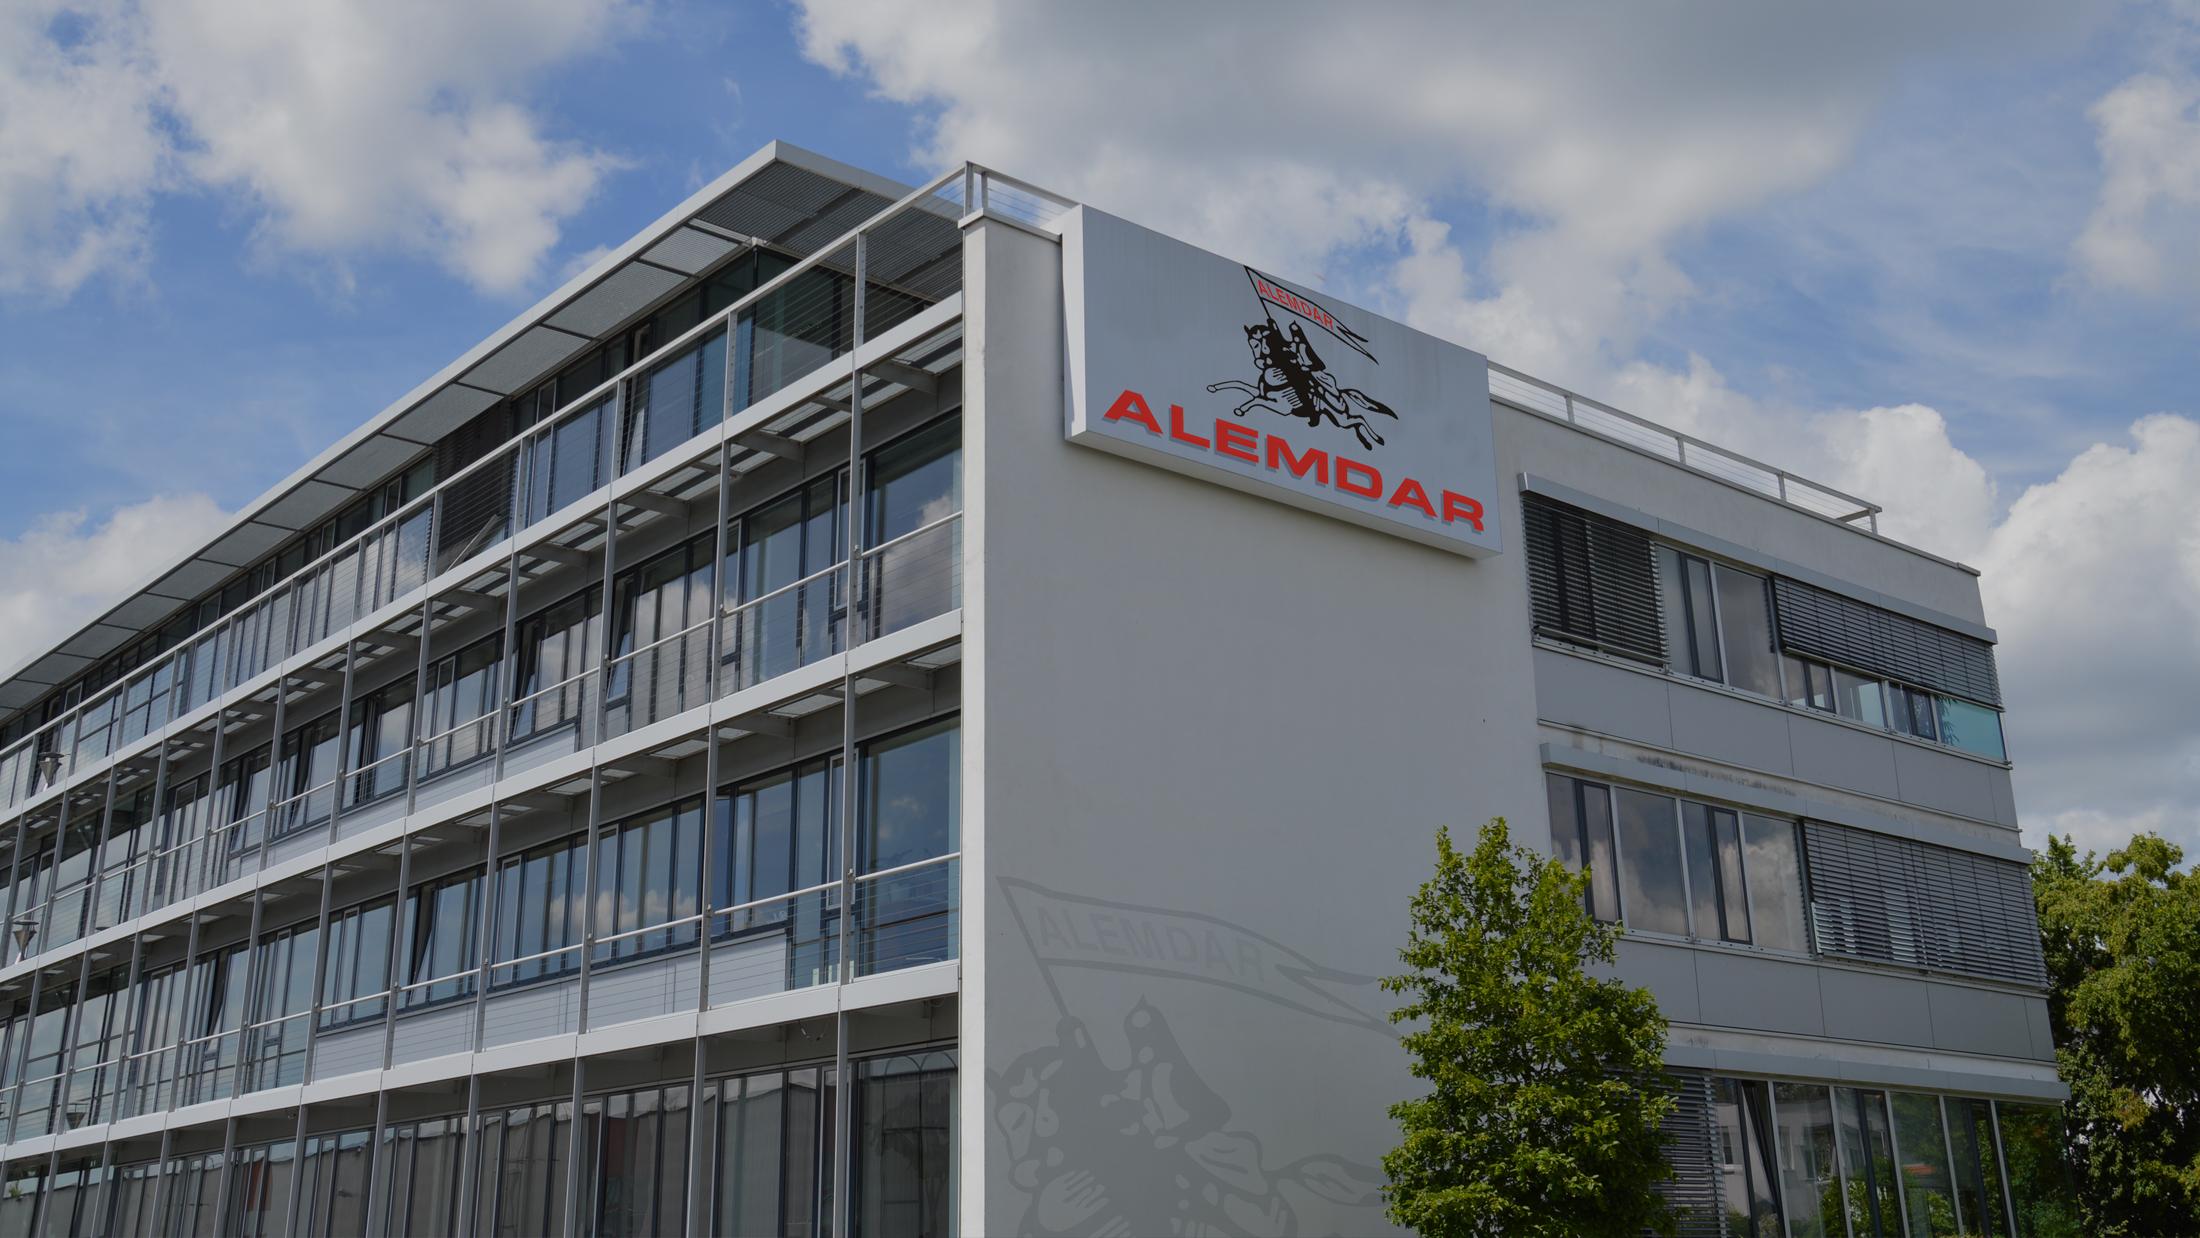 alemdar_slider_1